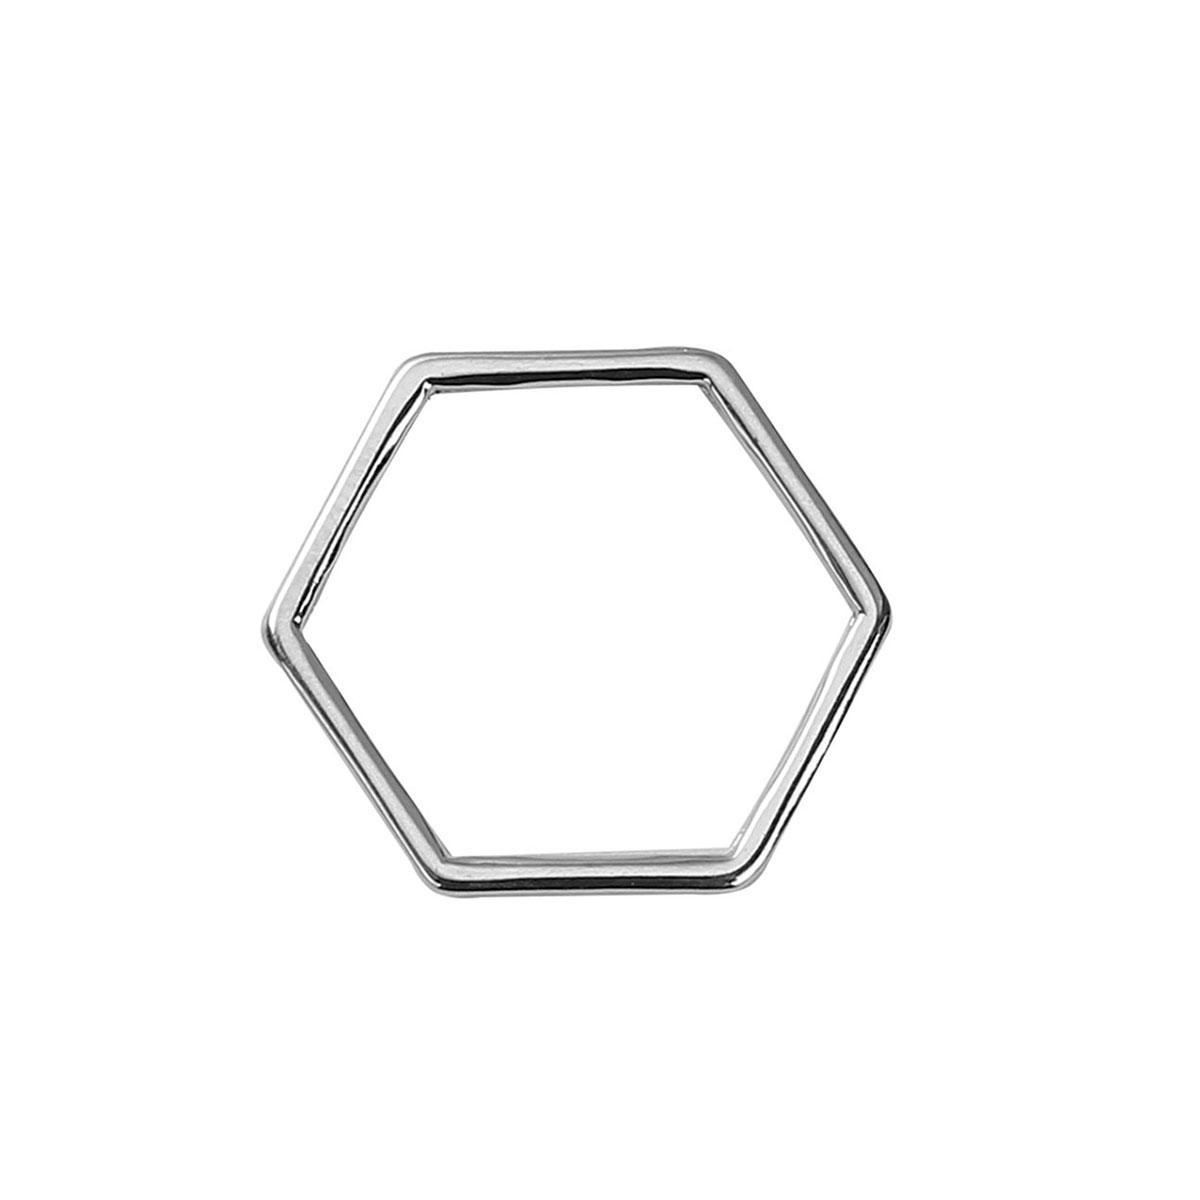 """Коннектор """" Соты """", Цинковый сплав, Цвет: Металл, 11 мм x 10 мм"""